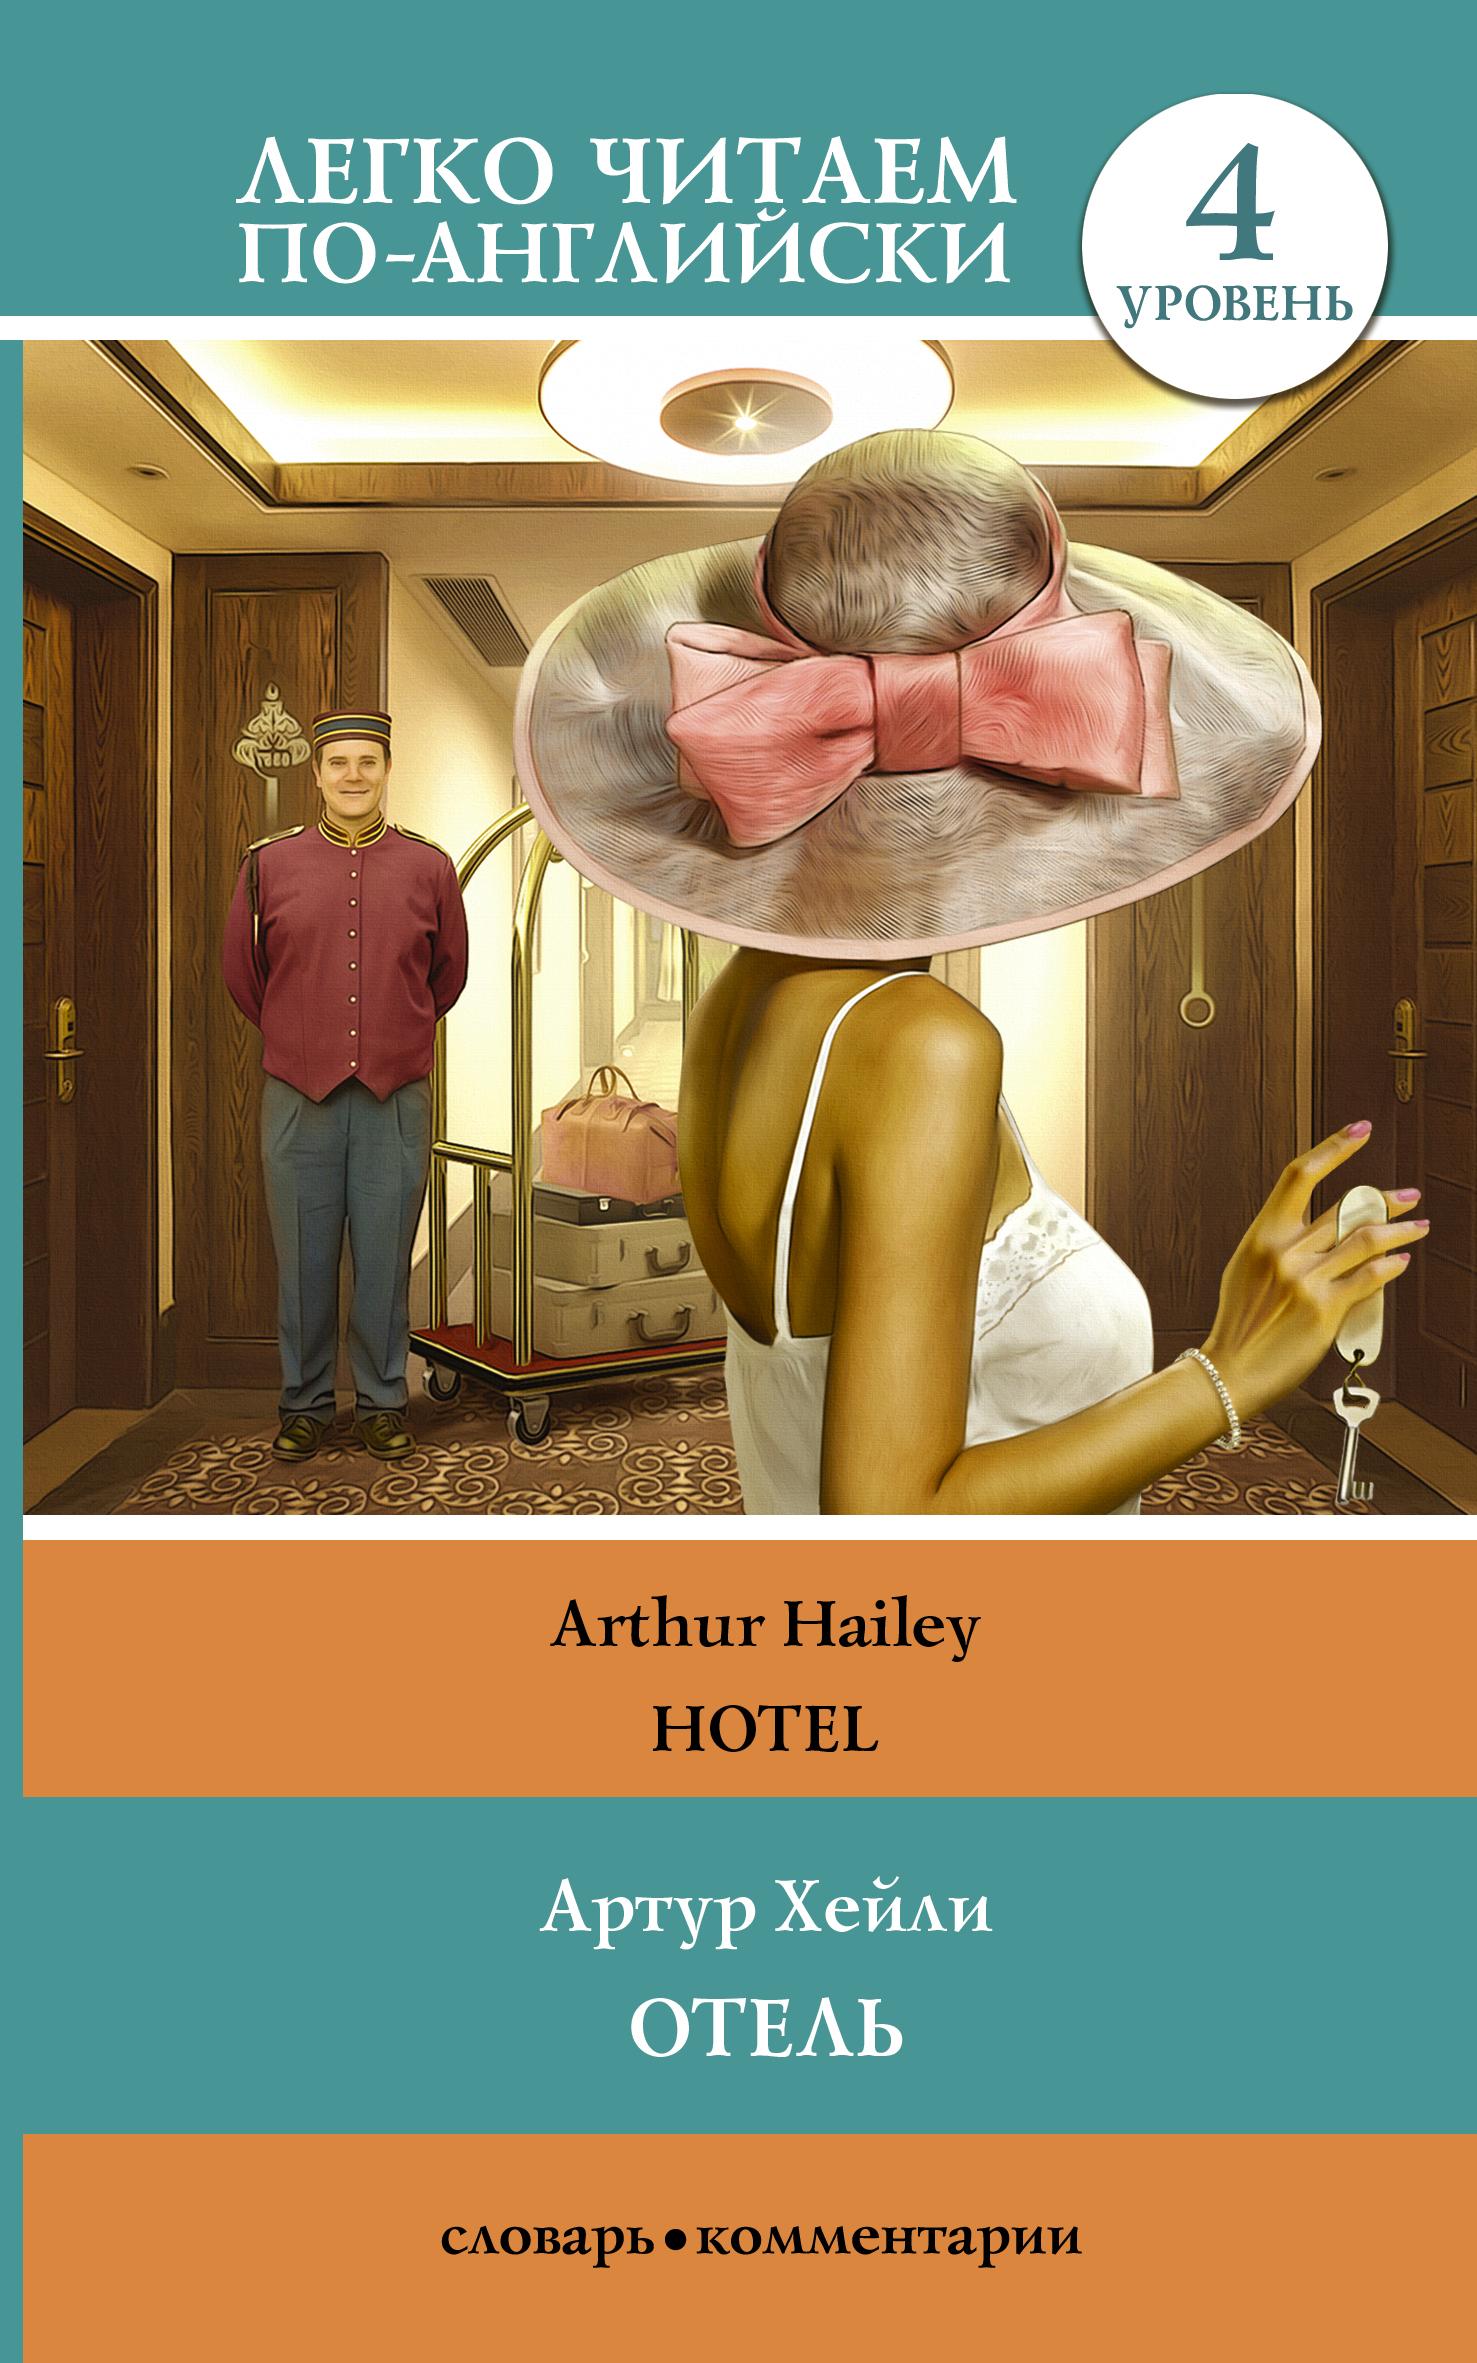 Артур Хейли Отель. Уровень 4 / Hotel